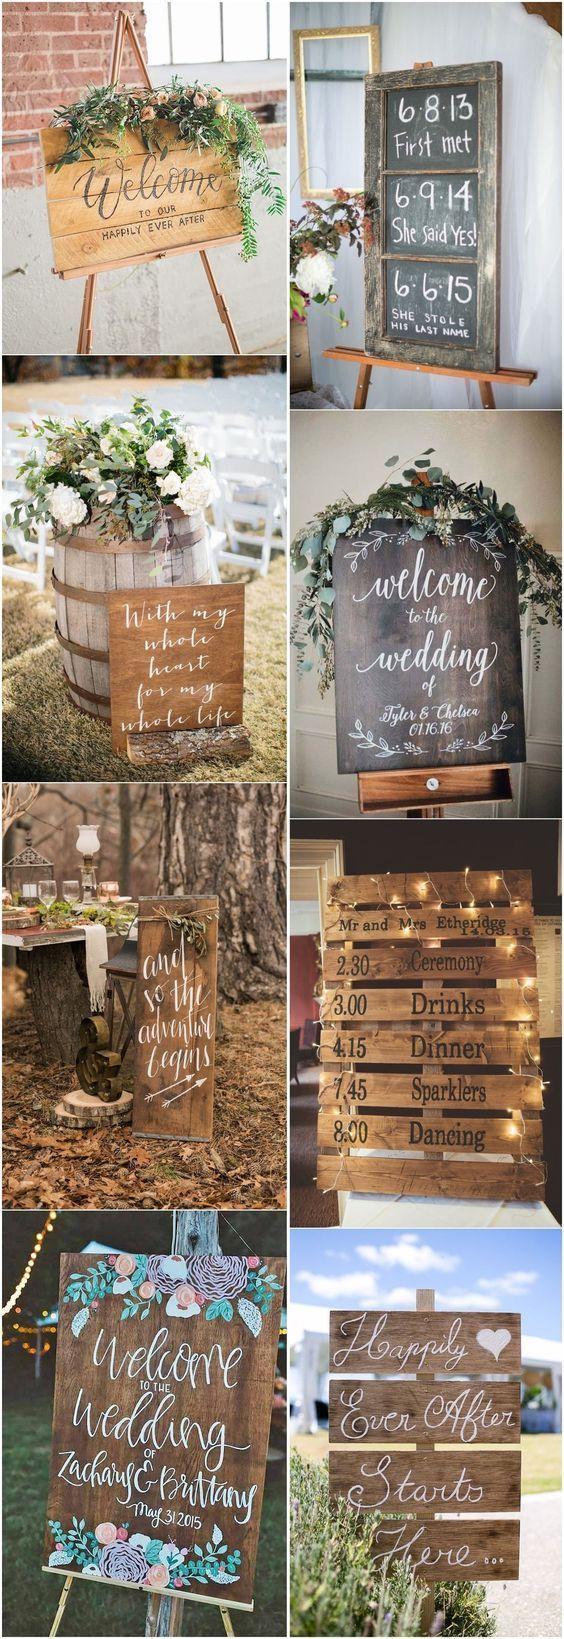 18 Rustikale Budget-freundliche rustikale Hochzeit Zeichen Ideen – #Hochzeiten #Hochzeitsideen # … – May 25th wedding day